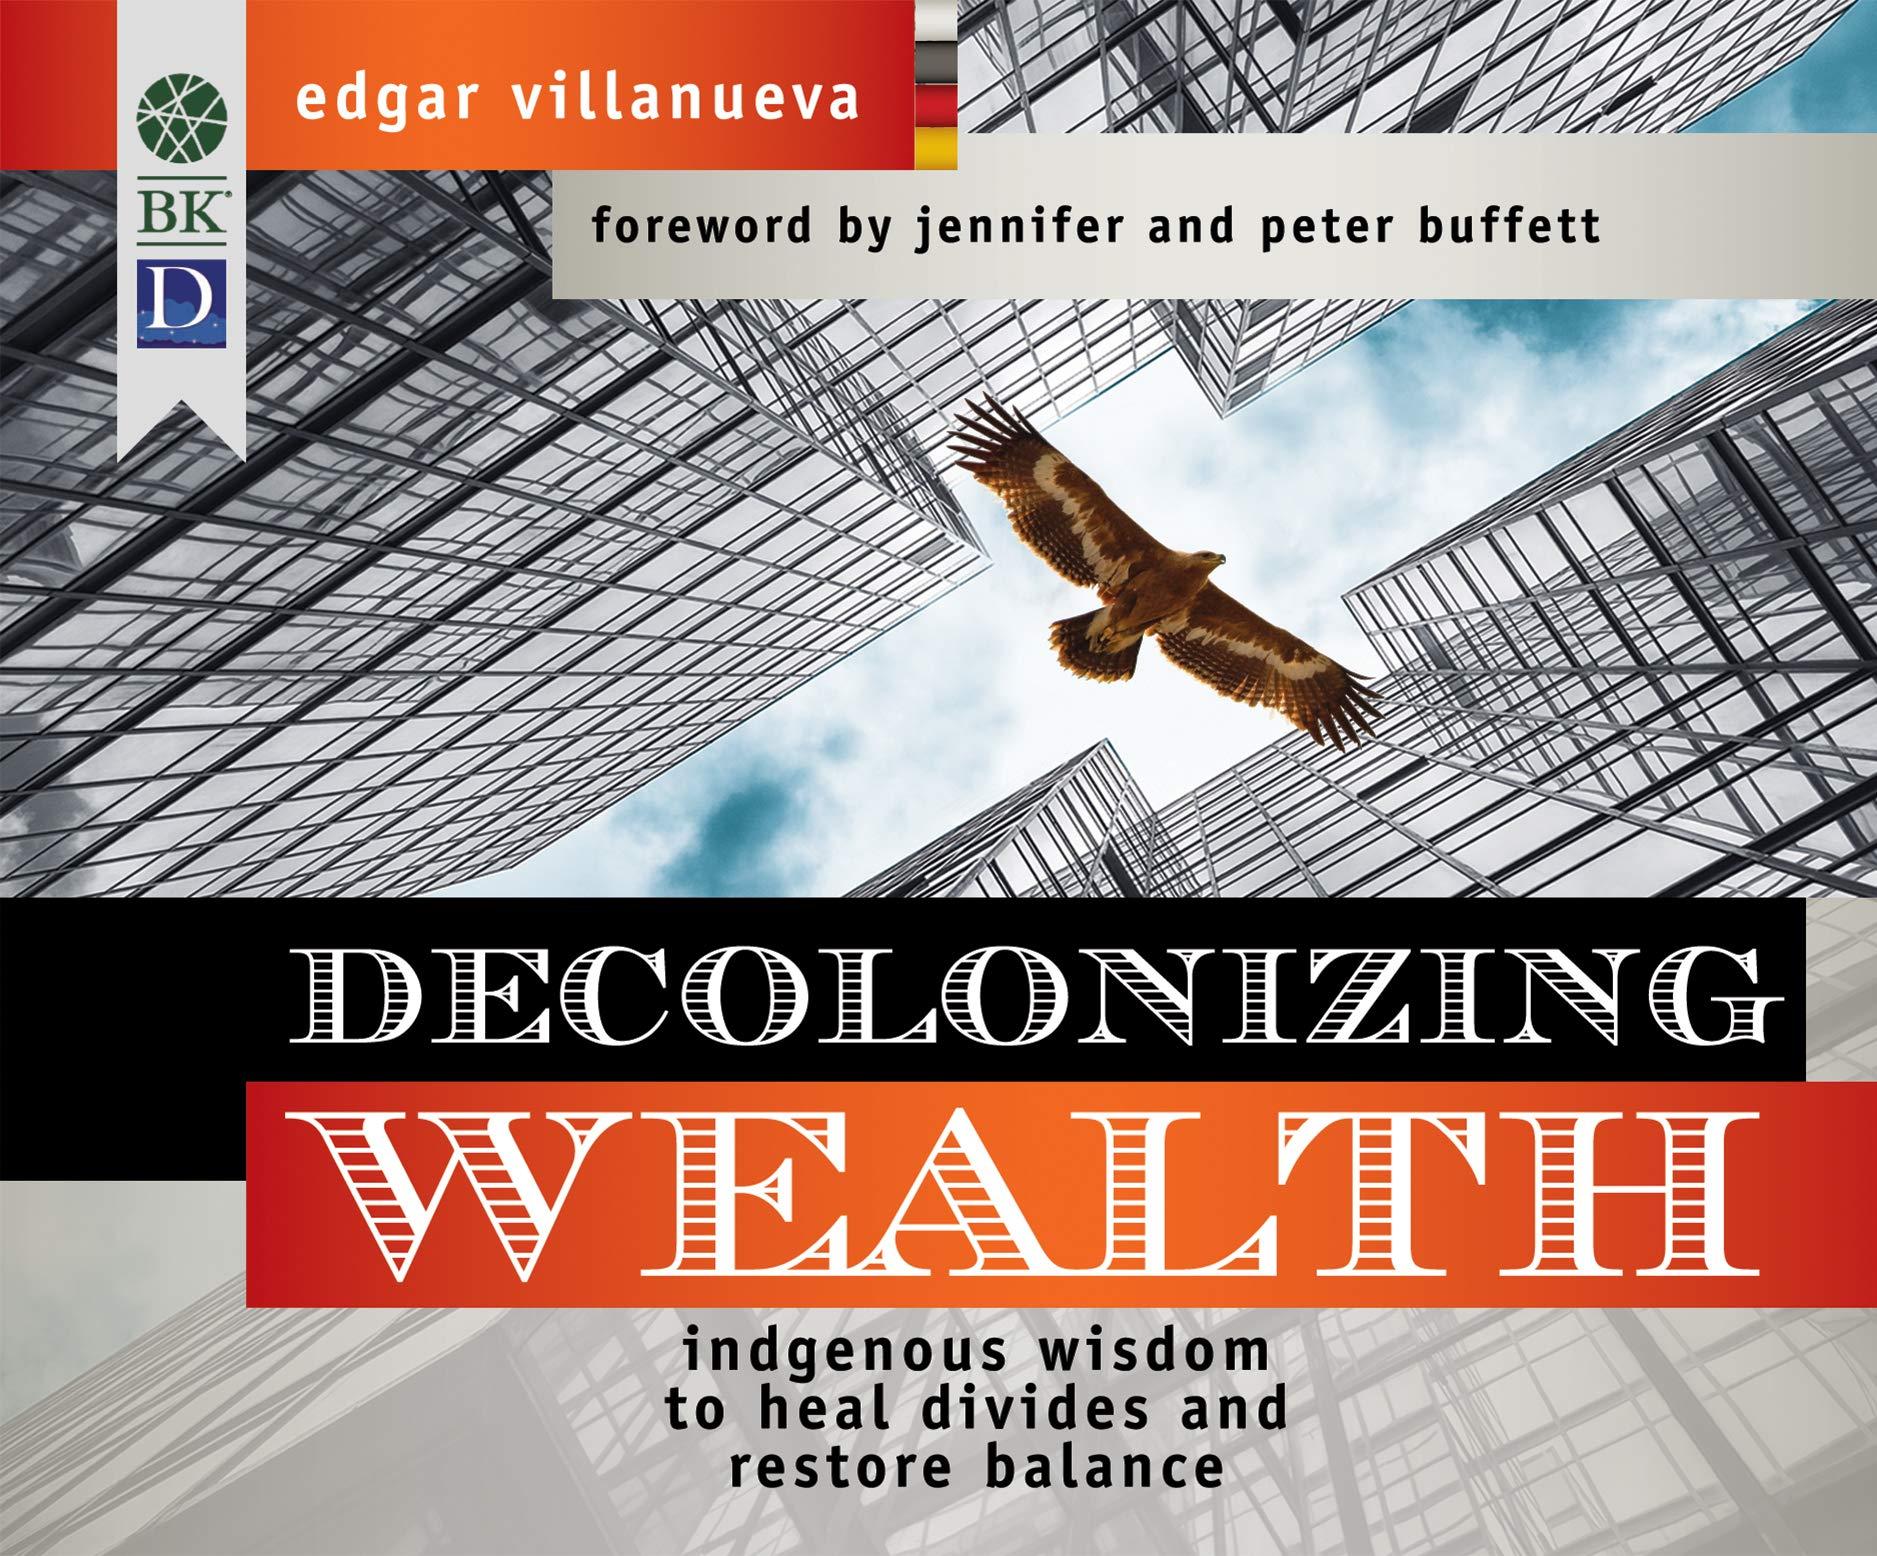 En respuesta a decolonizando la riqueza